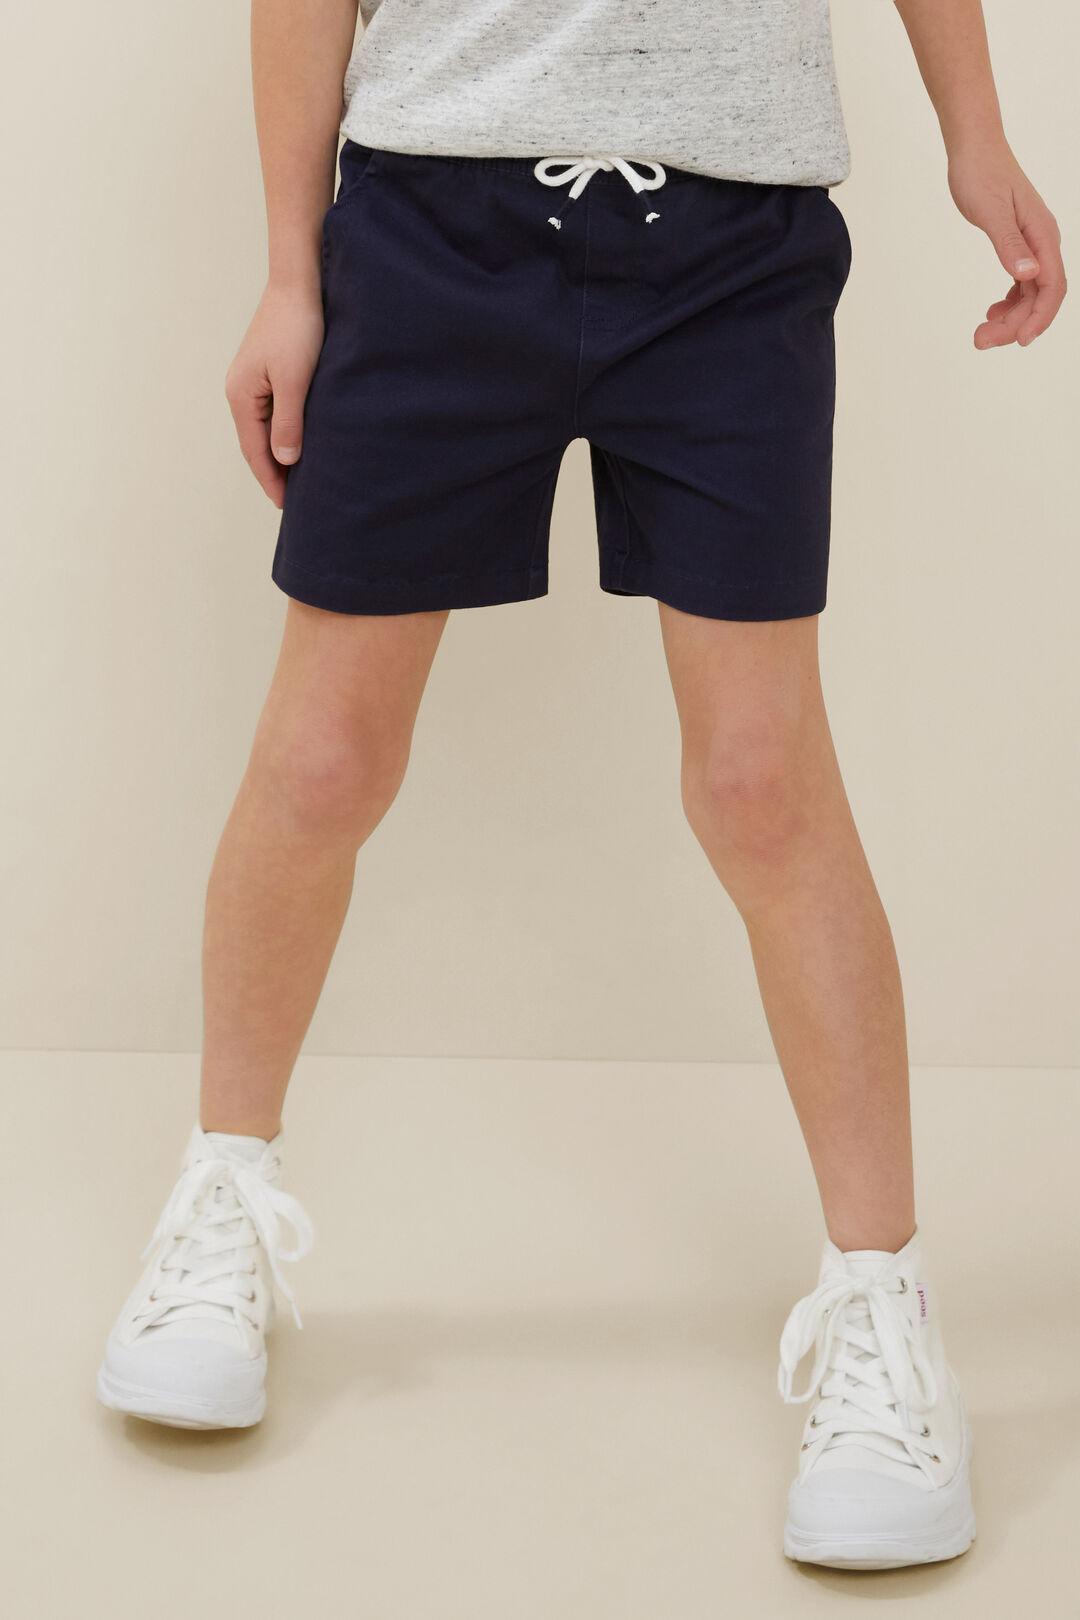 Logo Shorts  Midnight Blue  hi-res